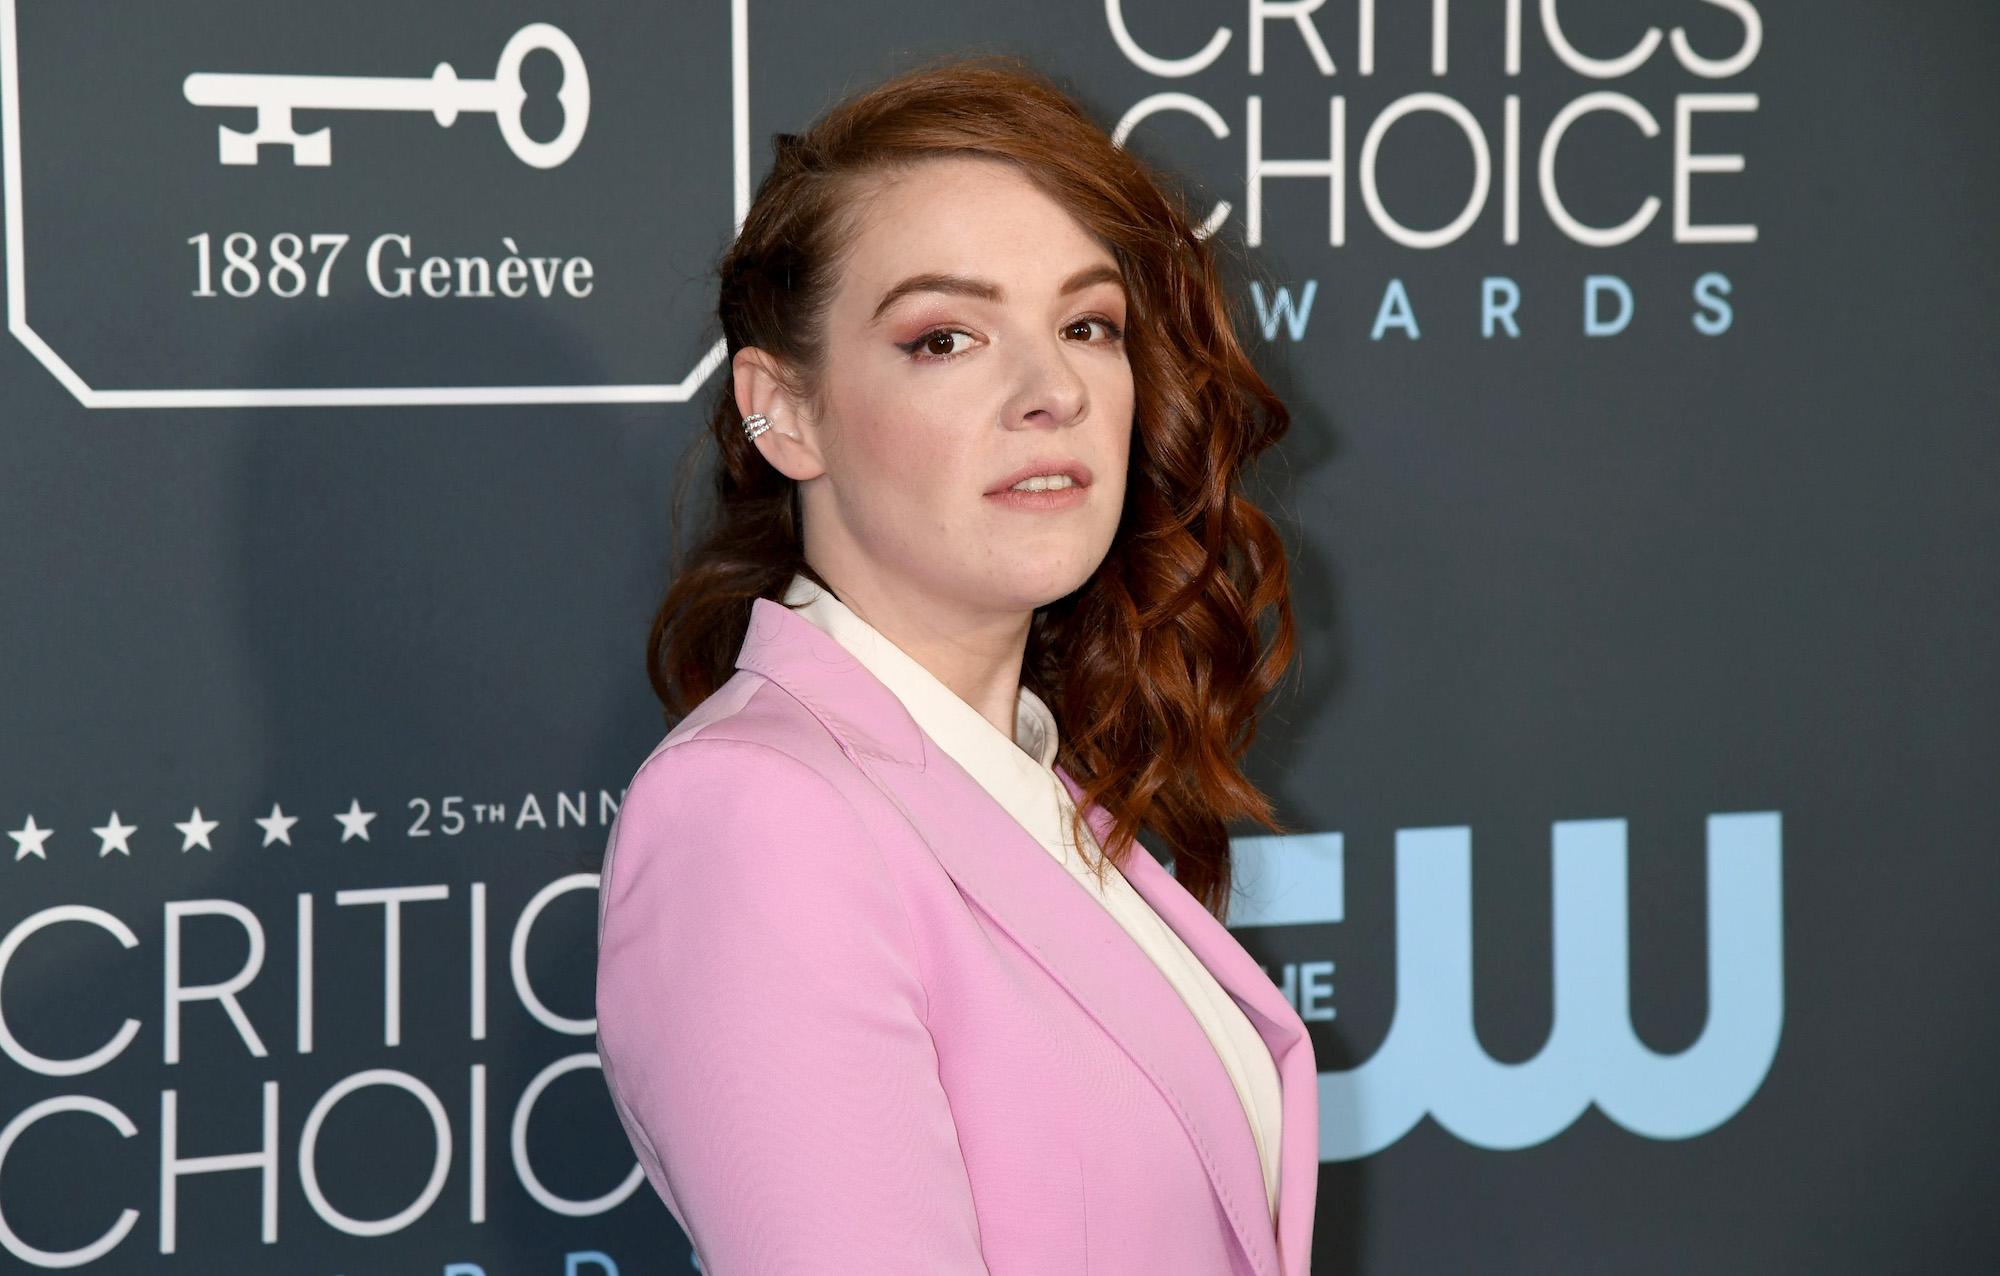 Noelle Stevenson at the 25th Annual Critics' Choice Awards on Jan. 12, 2020.